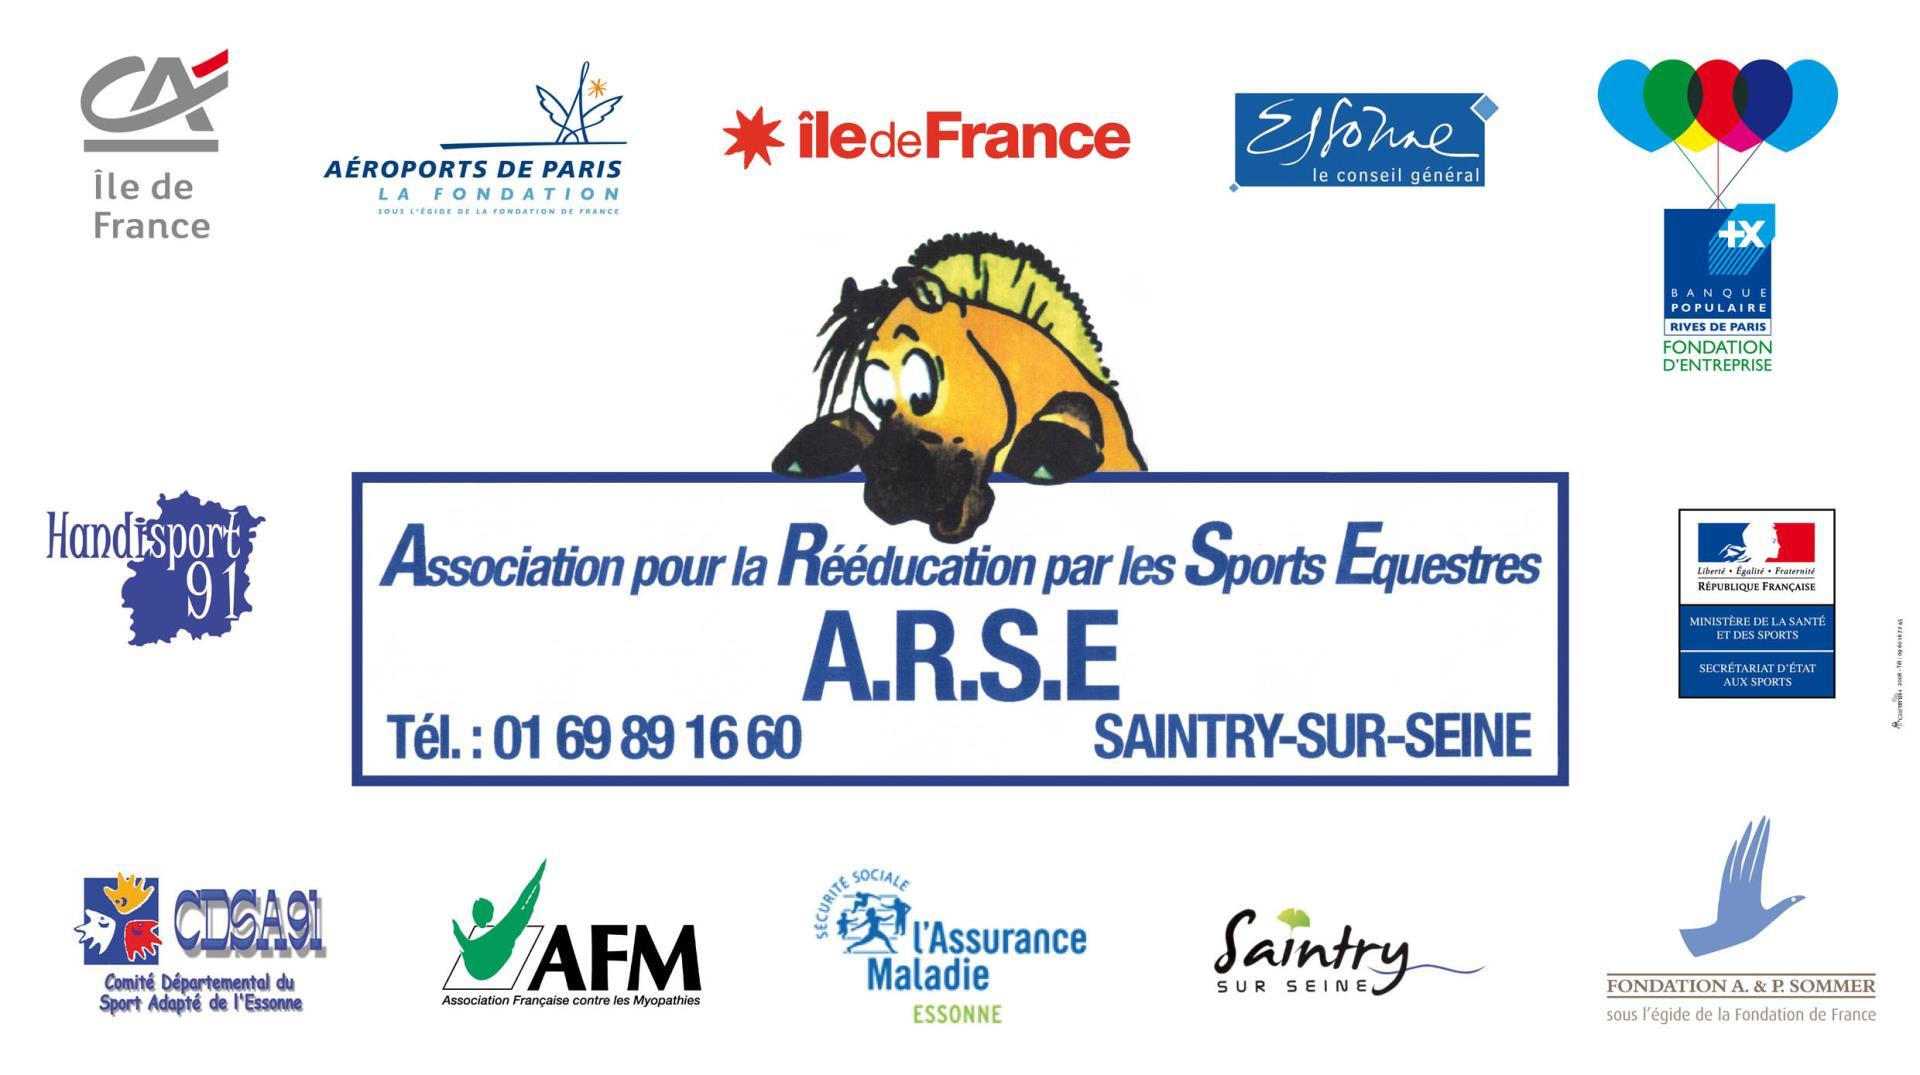 Association - Association pour la Rééducation par les Sports Equestres